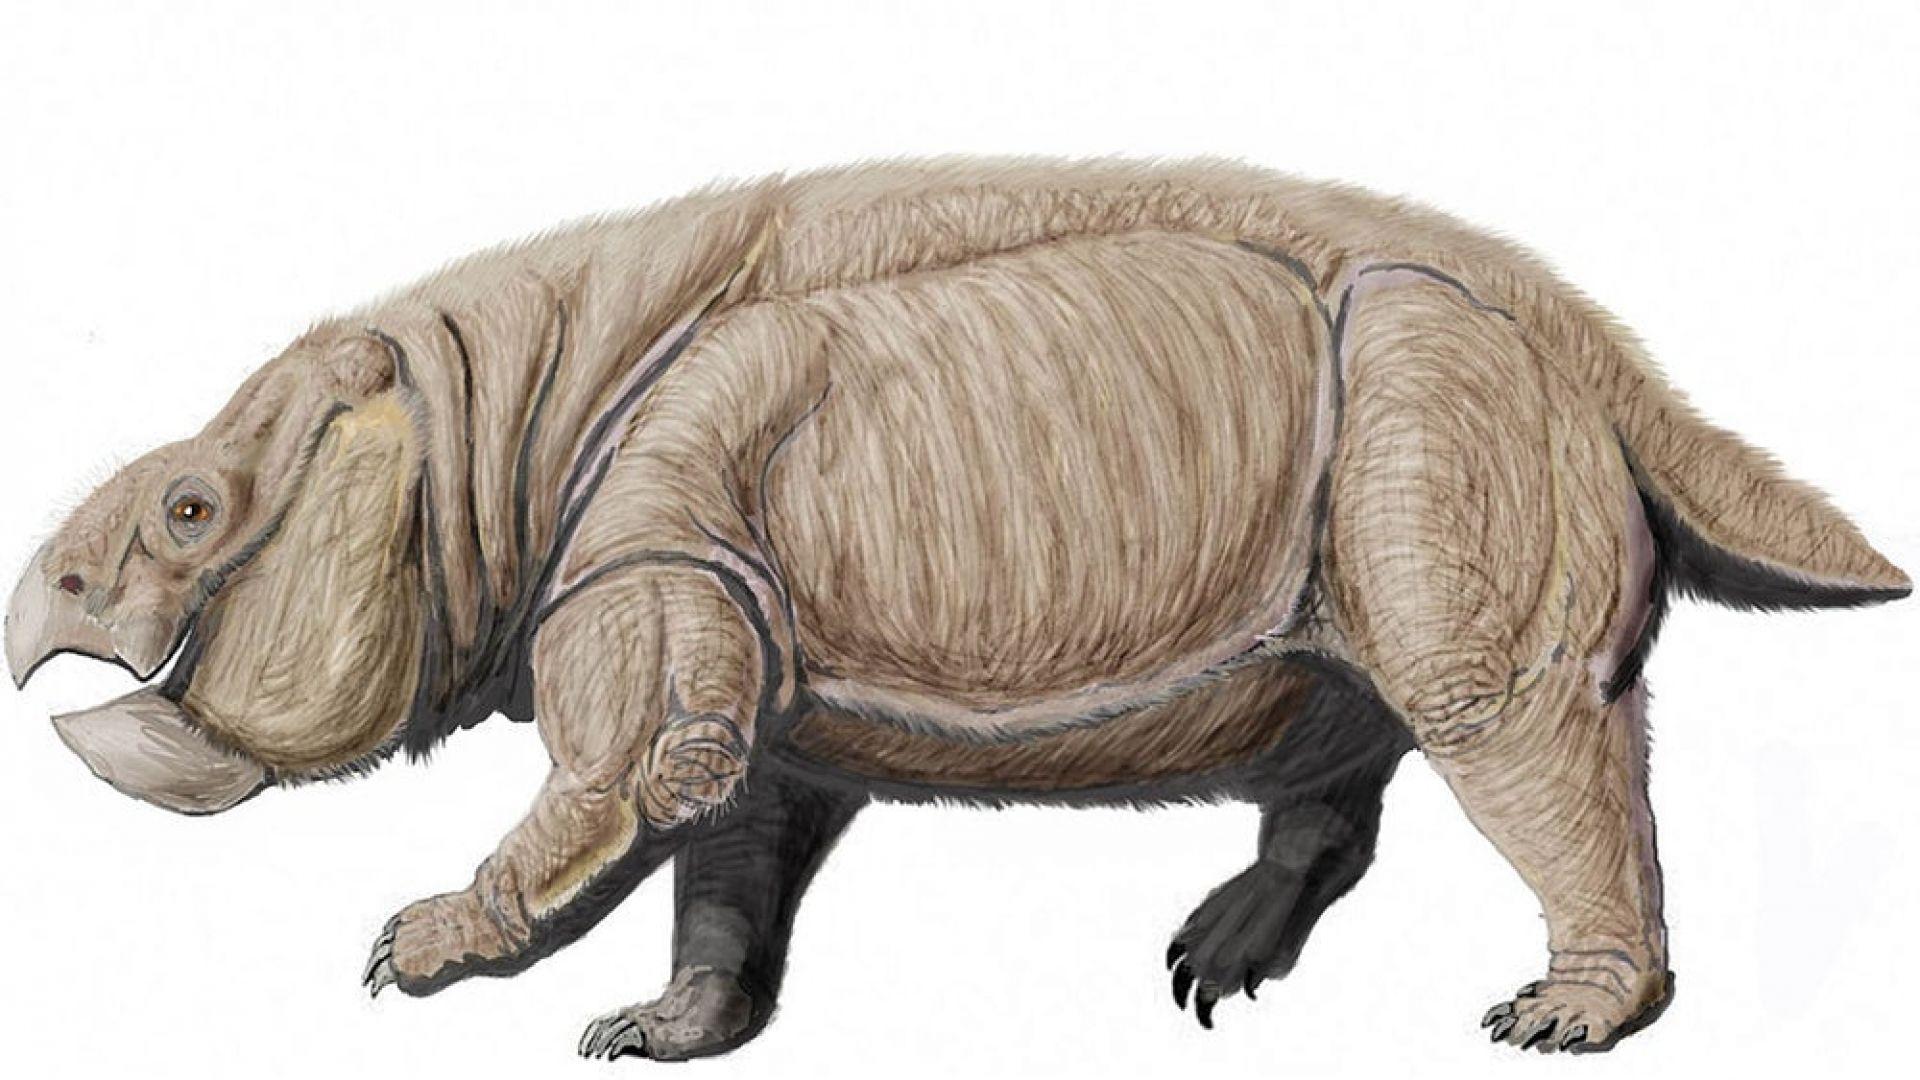 Откриха вкаменелостите на нов вид огромен бозайник